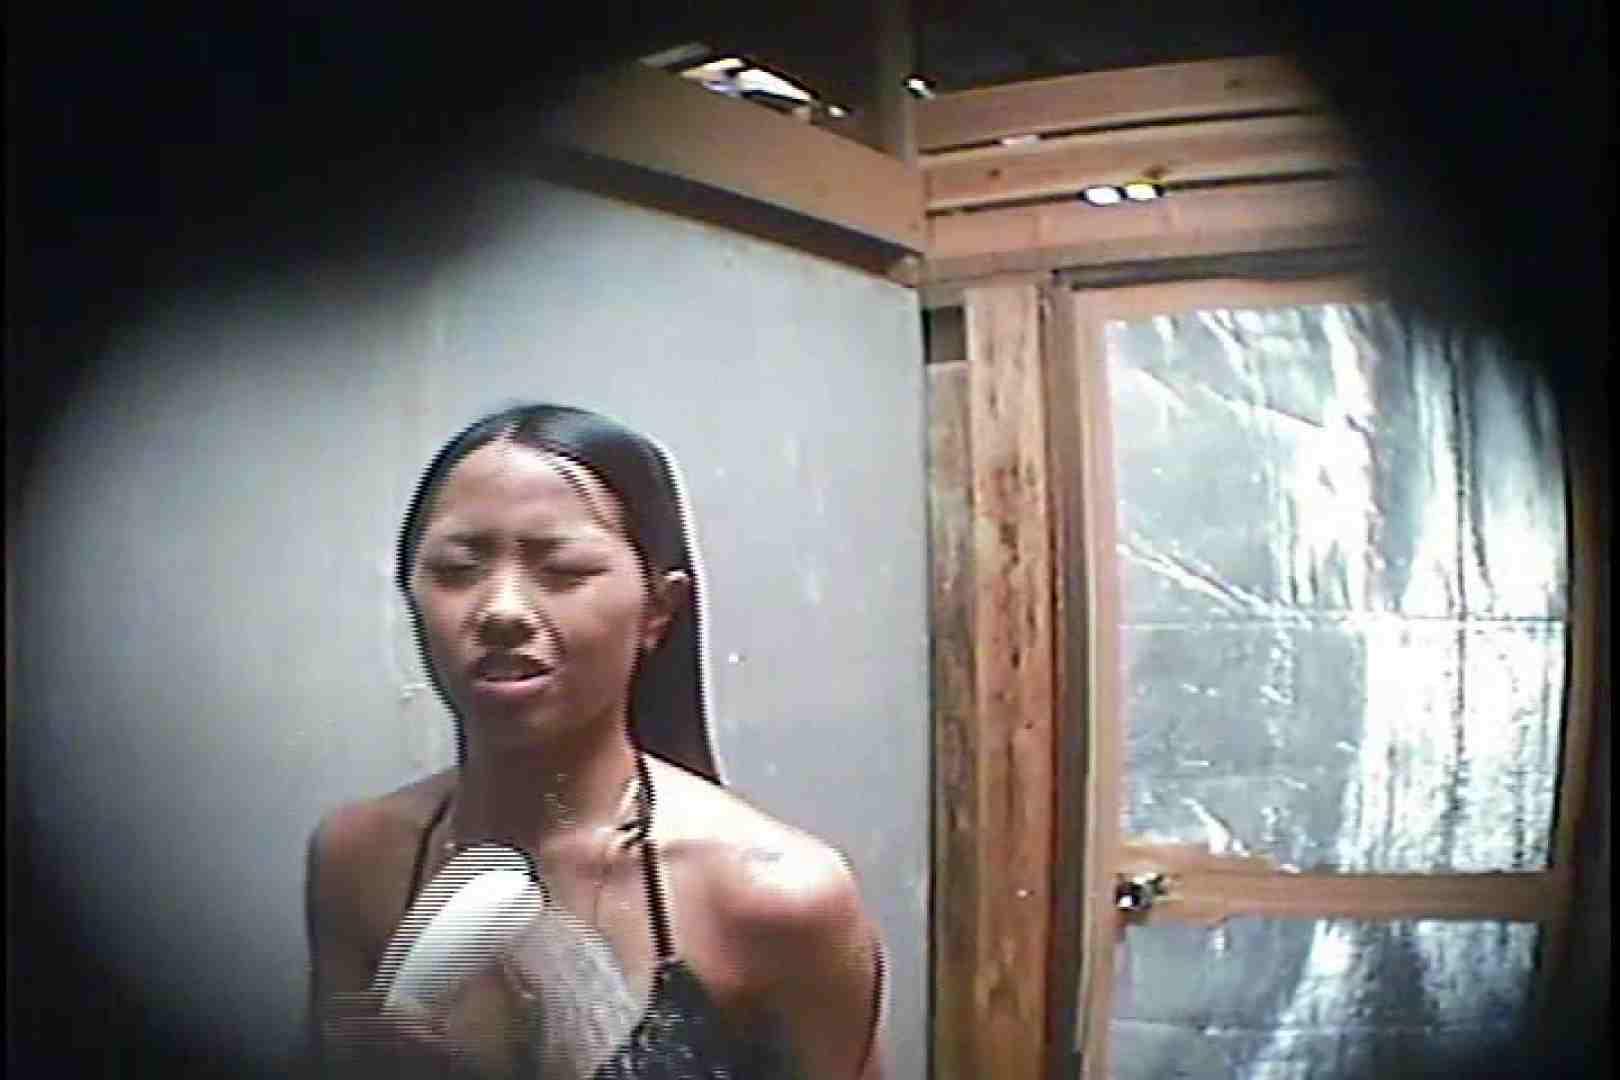 海の家の更衣室 Vol.45 シャワー中 | 美女達のヌード  64連発 32